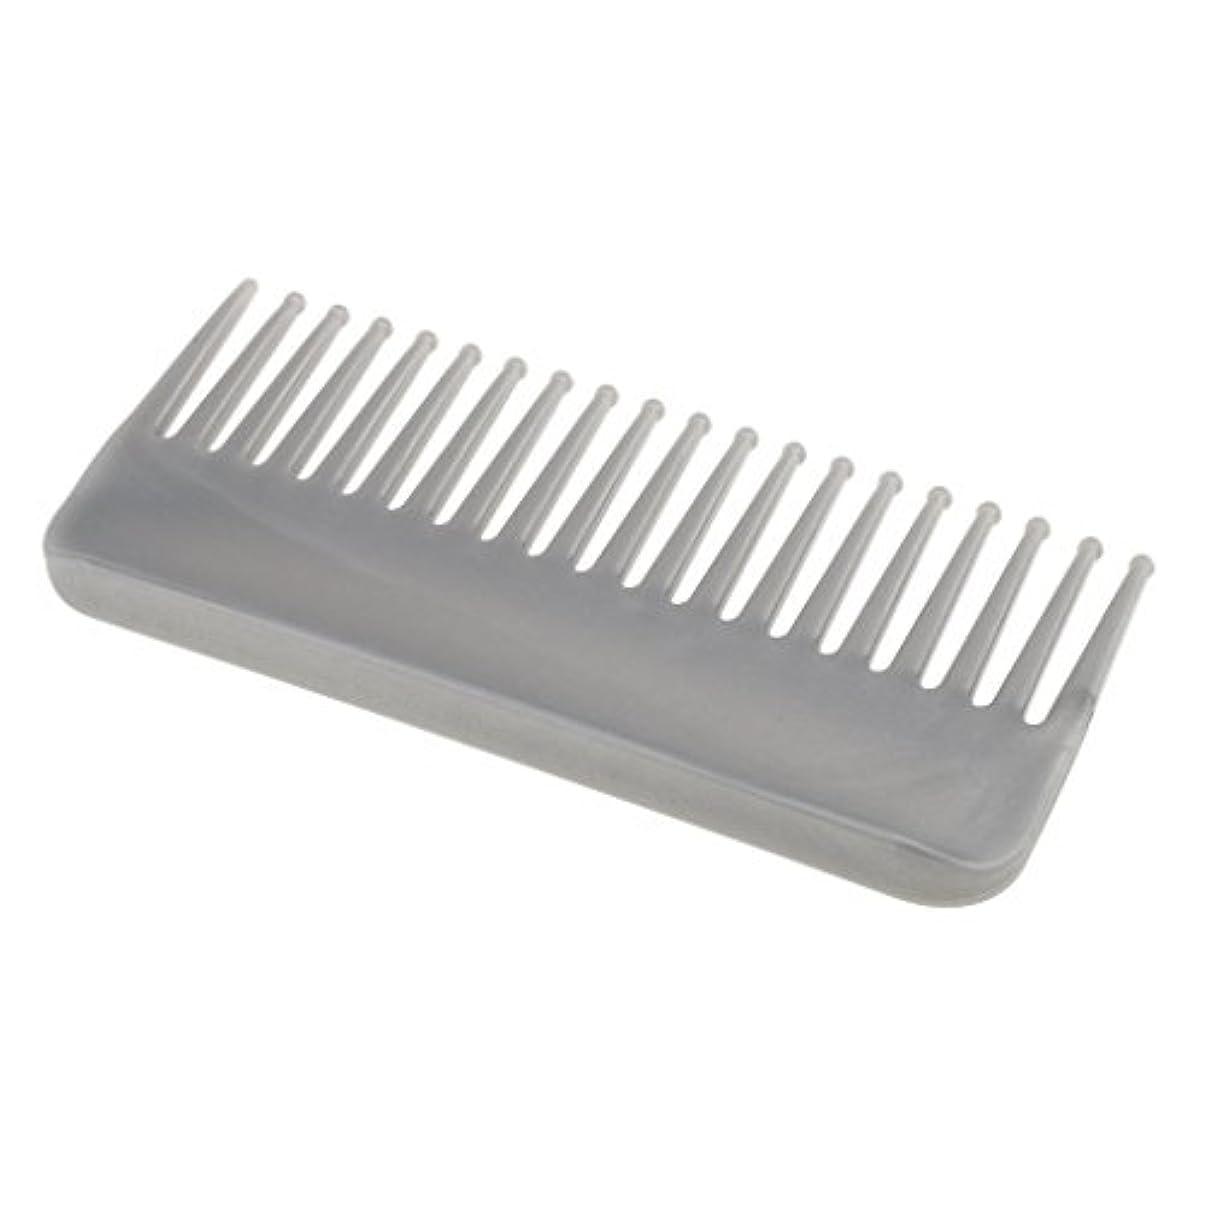 該当する認める音楽を聴くプラスチック製の絡みのない広い歯のヘアブラシサロンヘアケアマッサージツール